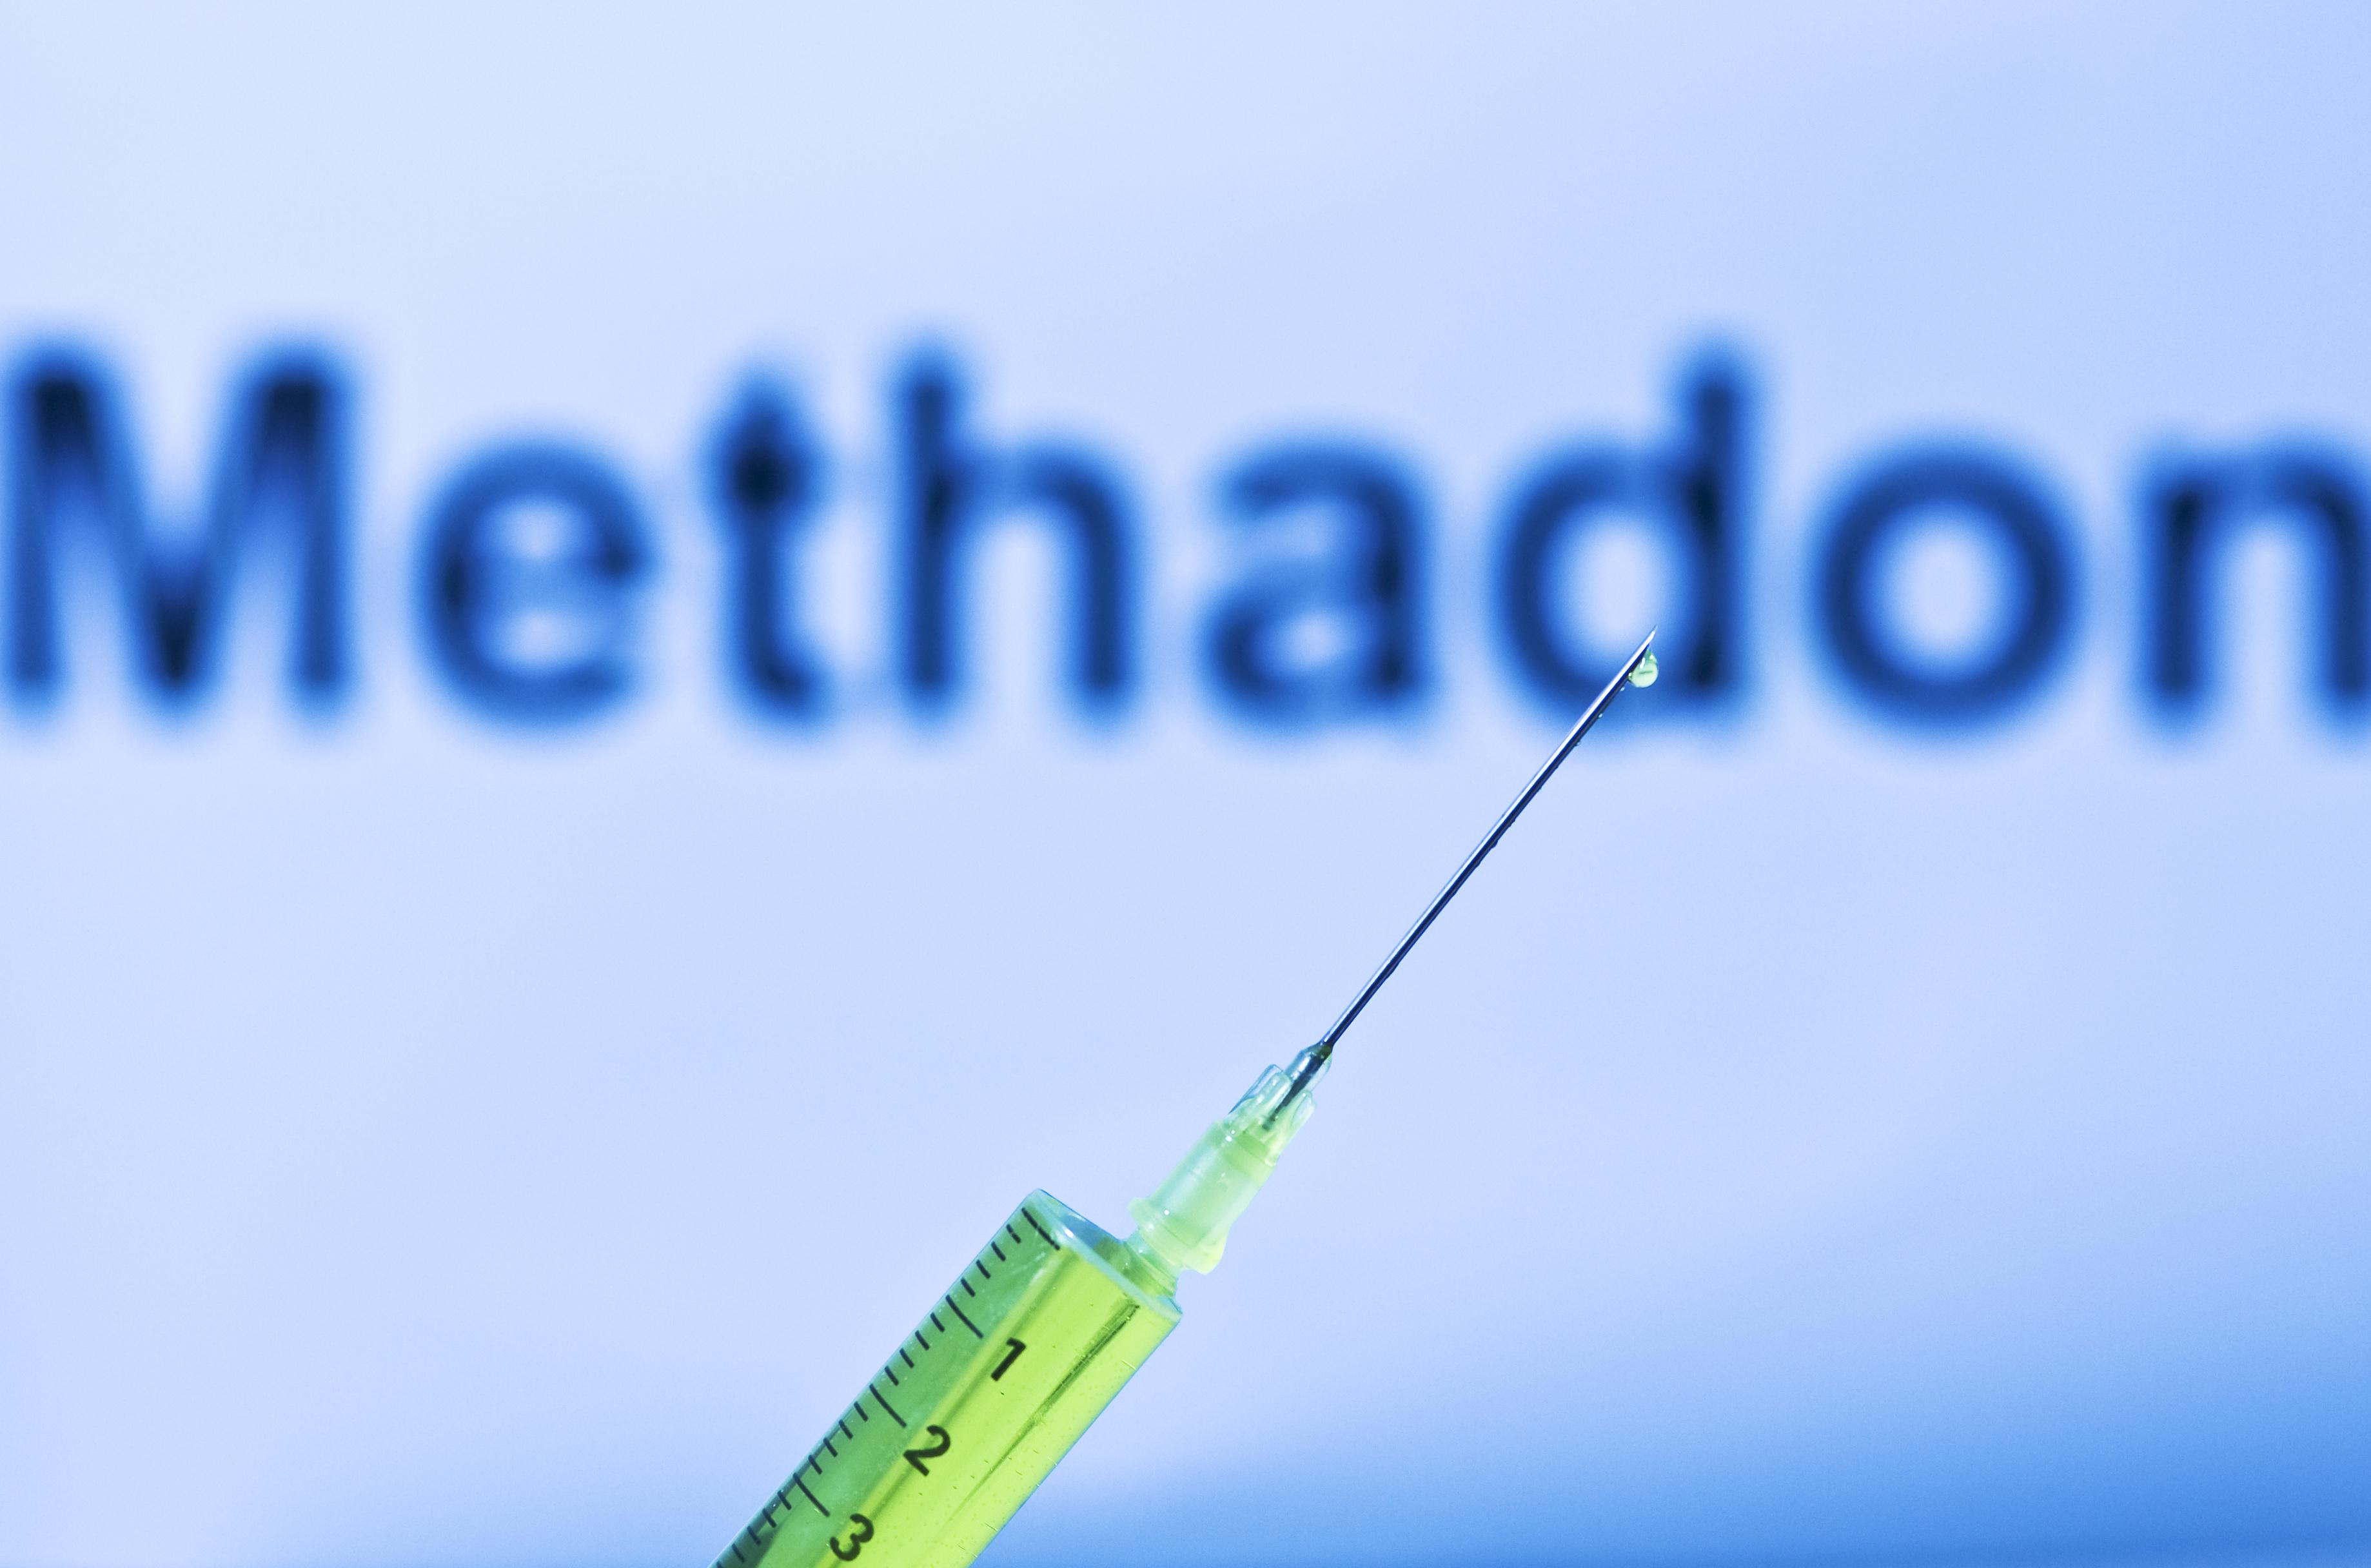 Nouveau test salivaire pour la buprénorphine et la méthadone